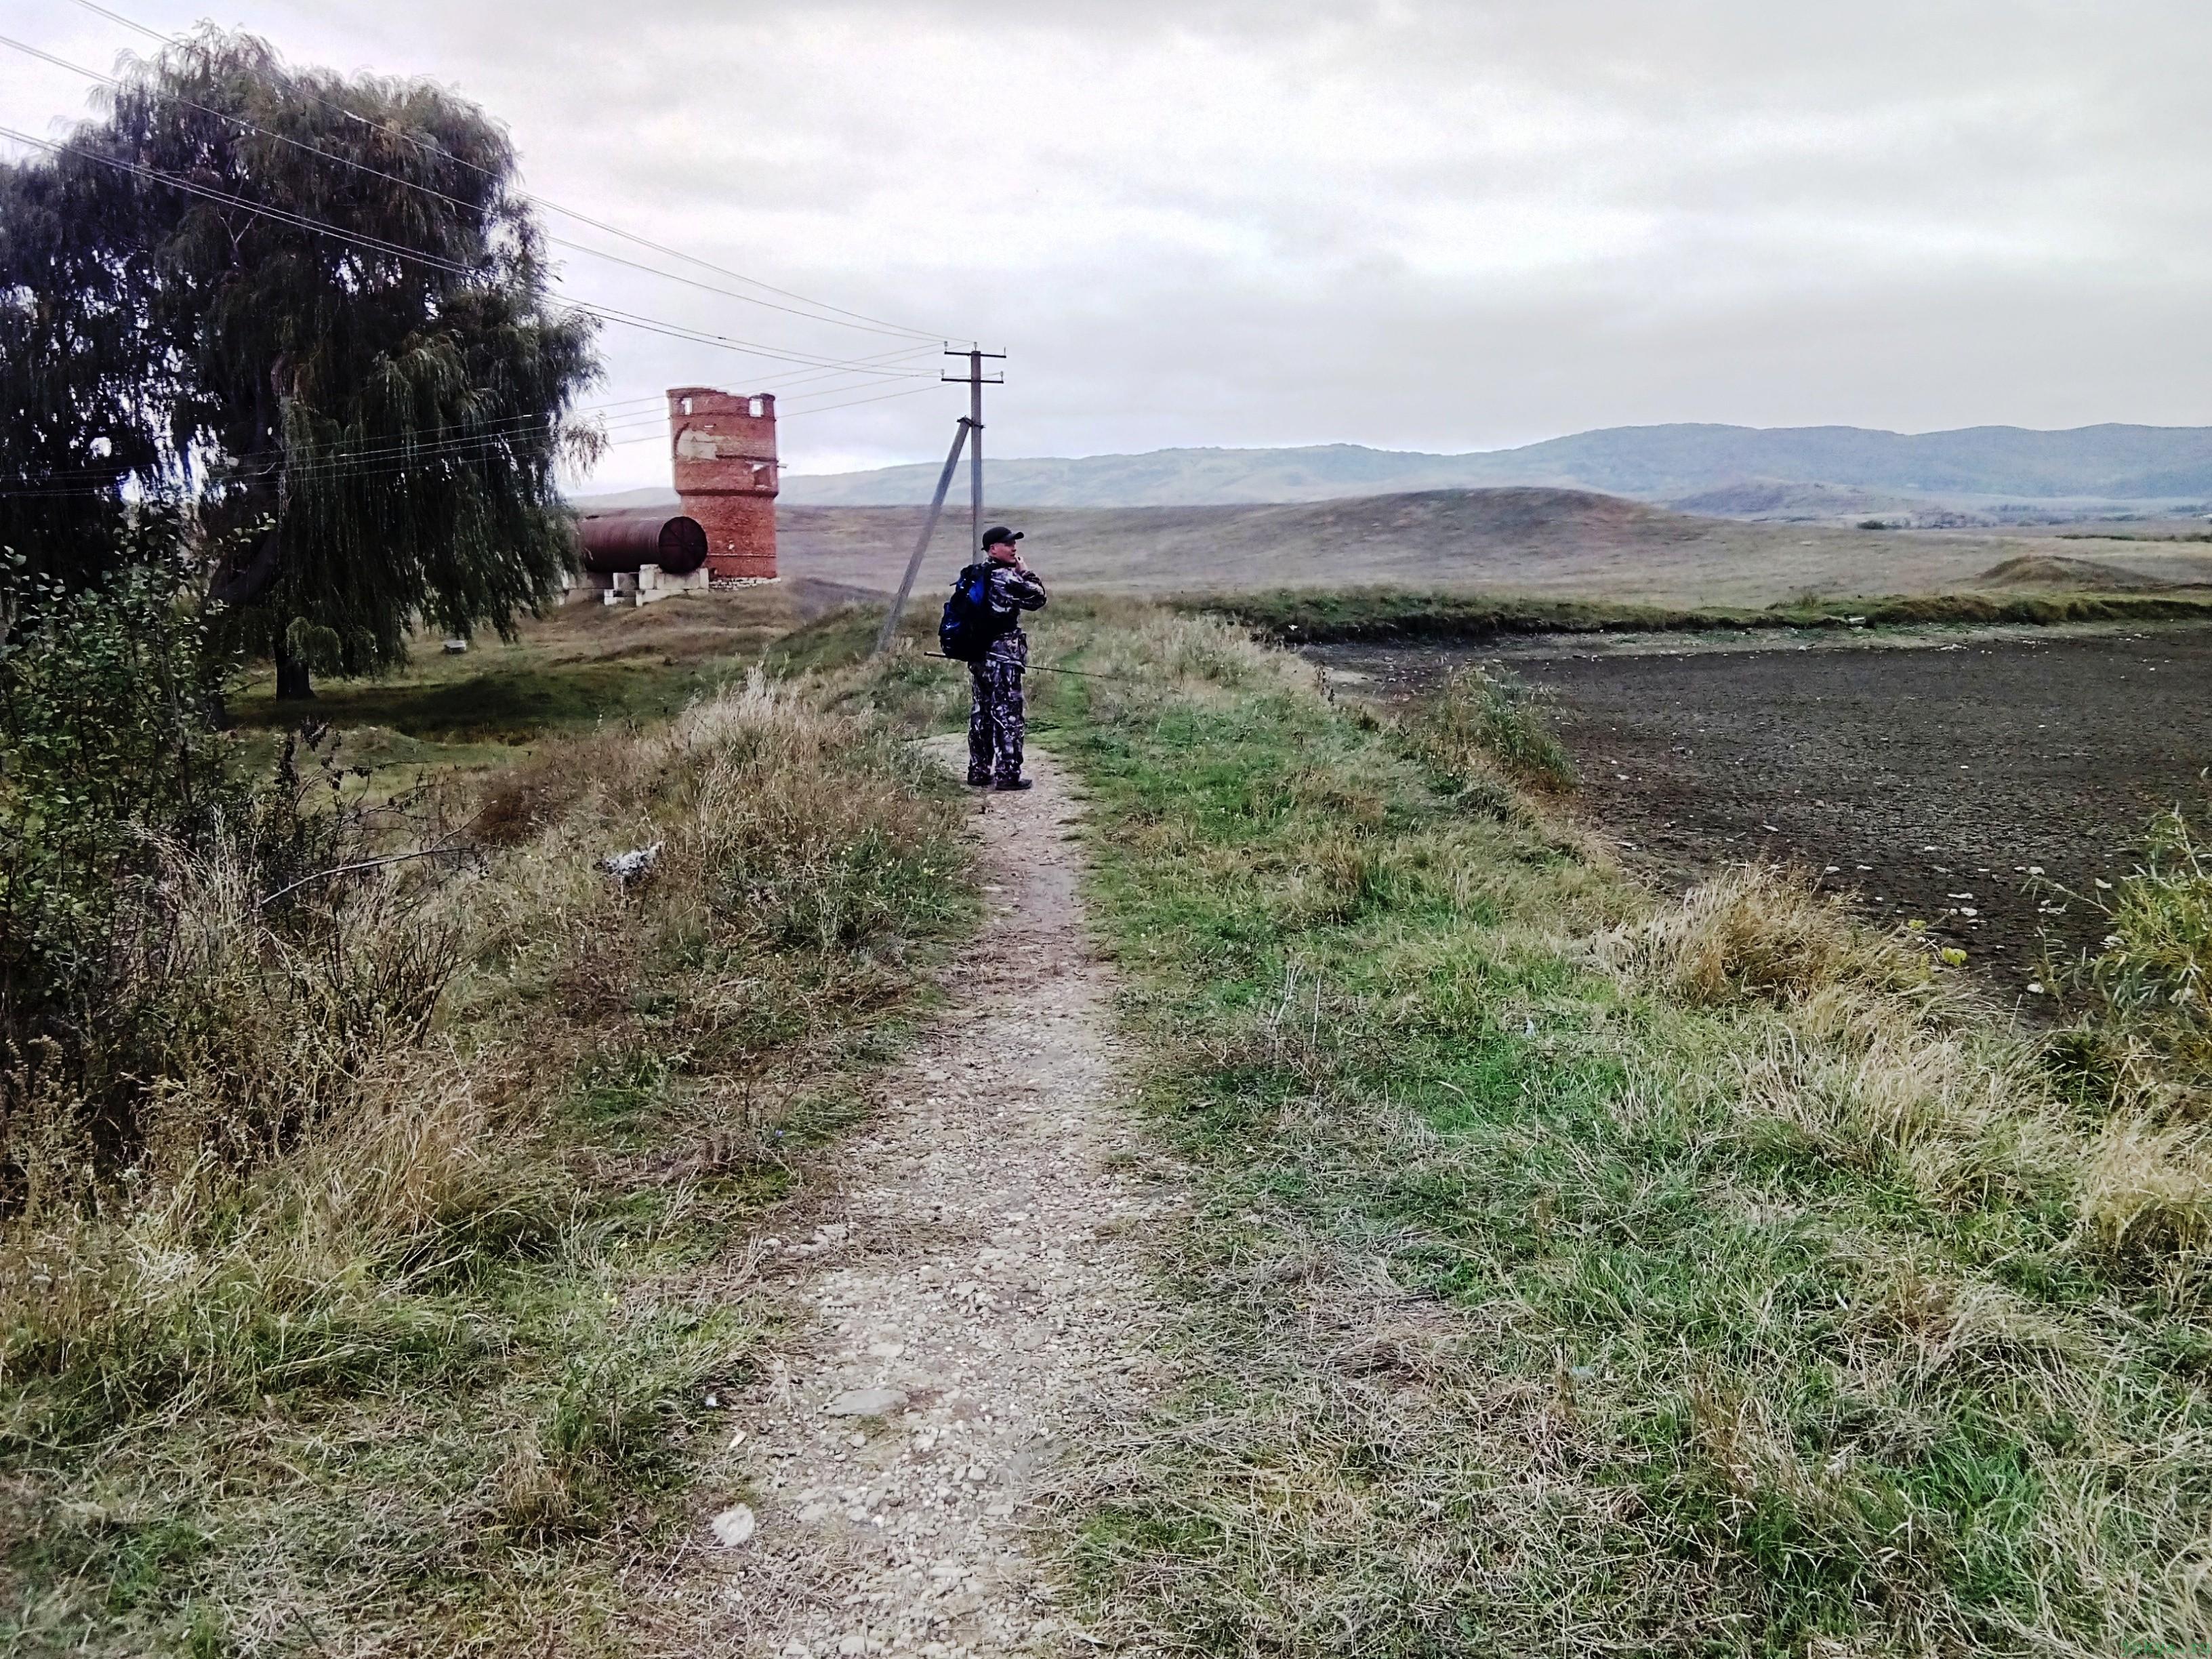 Поход выходного дня пешком по Крыму из Белогорска фото заметка о Крыме jokya.ru